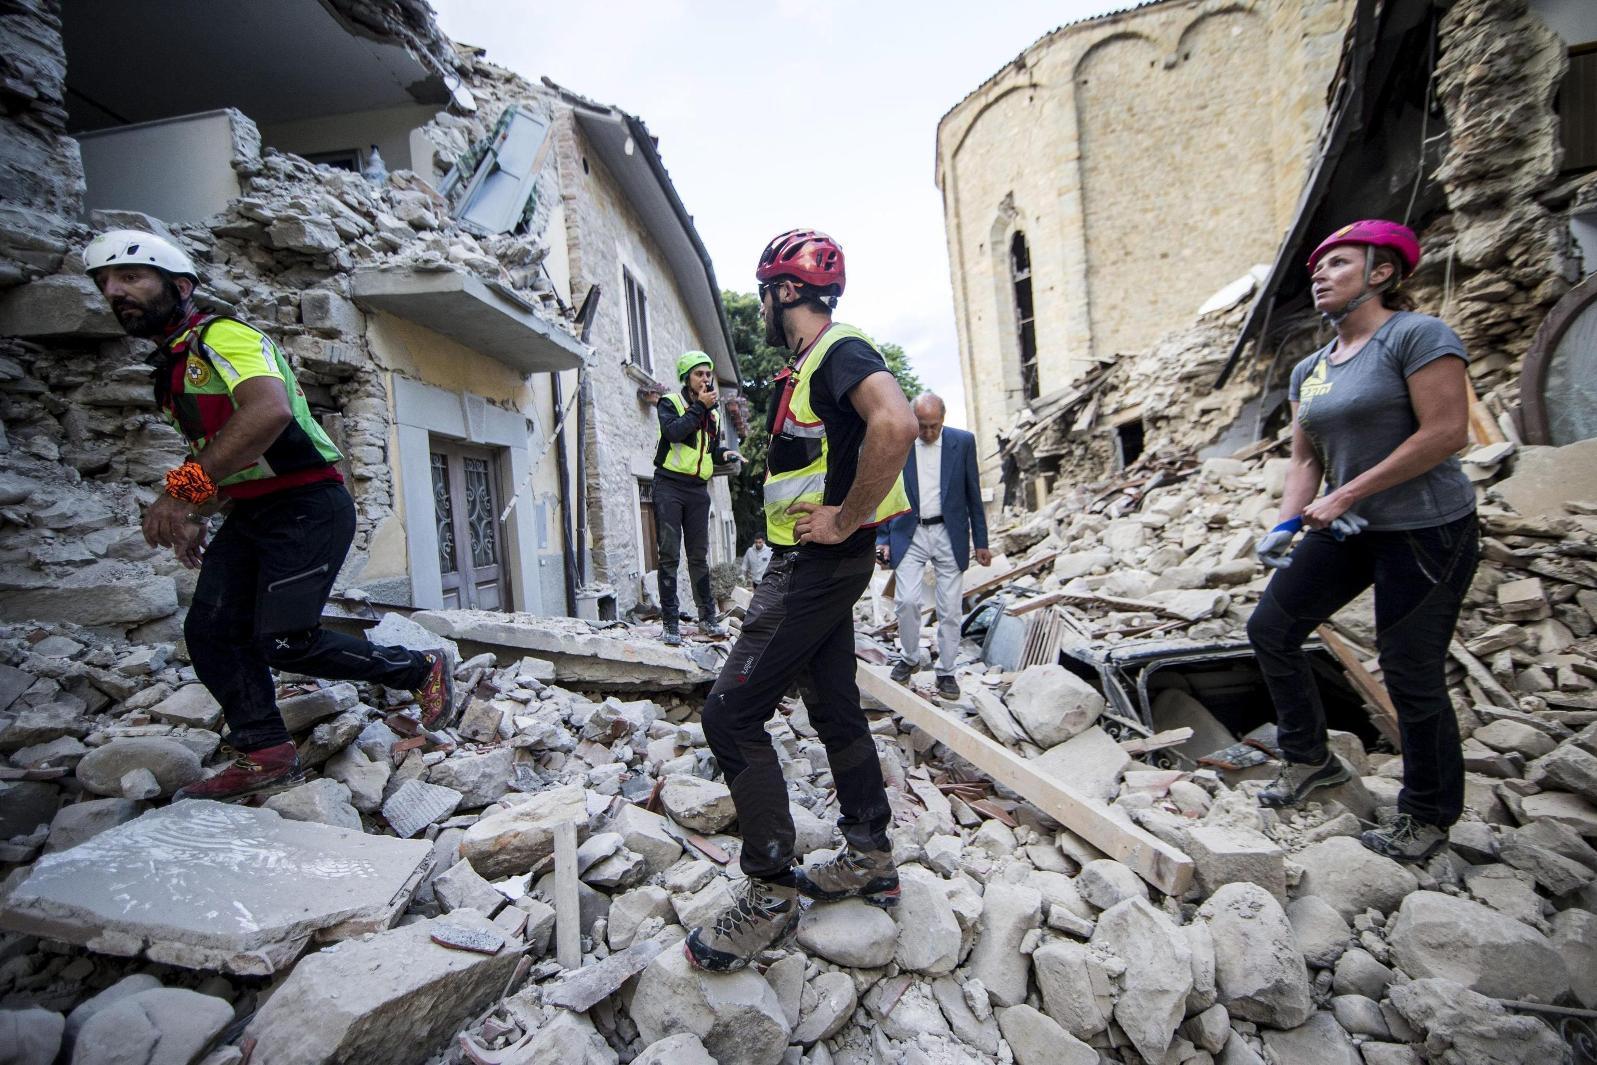 Число жертв землетрясения в Италии растет: более 290 погибших (информация обновляется)